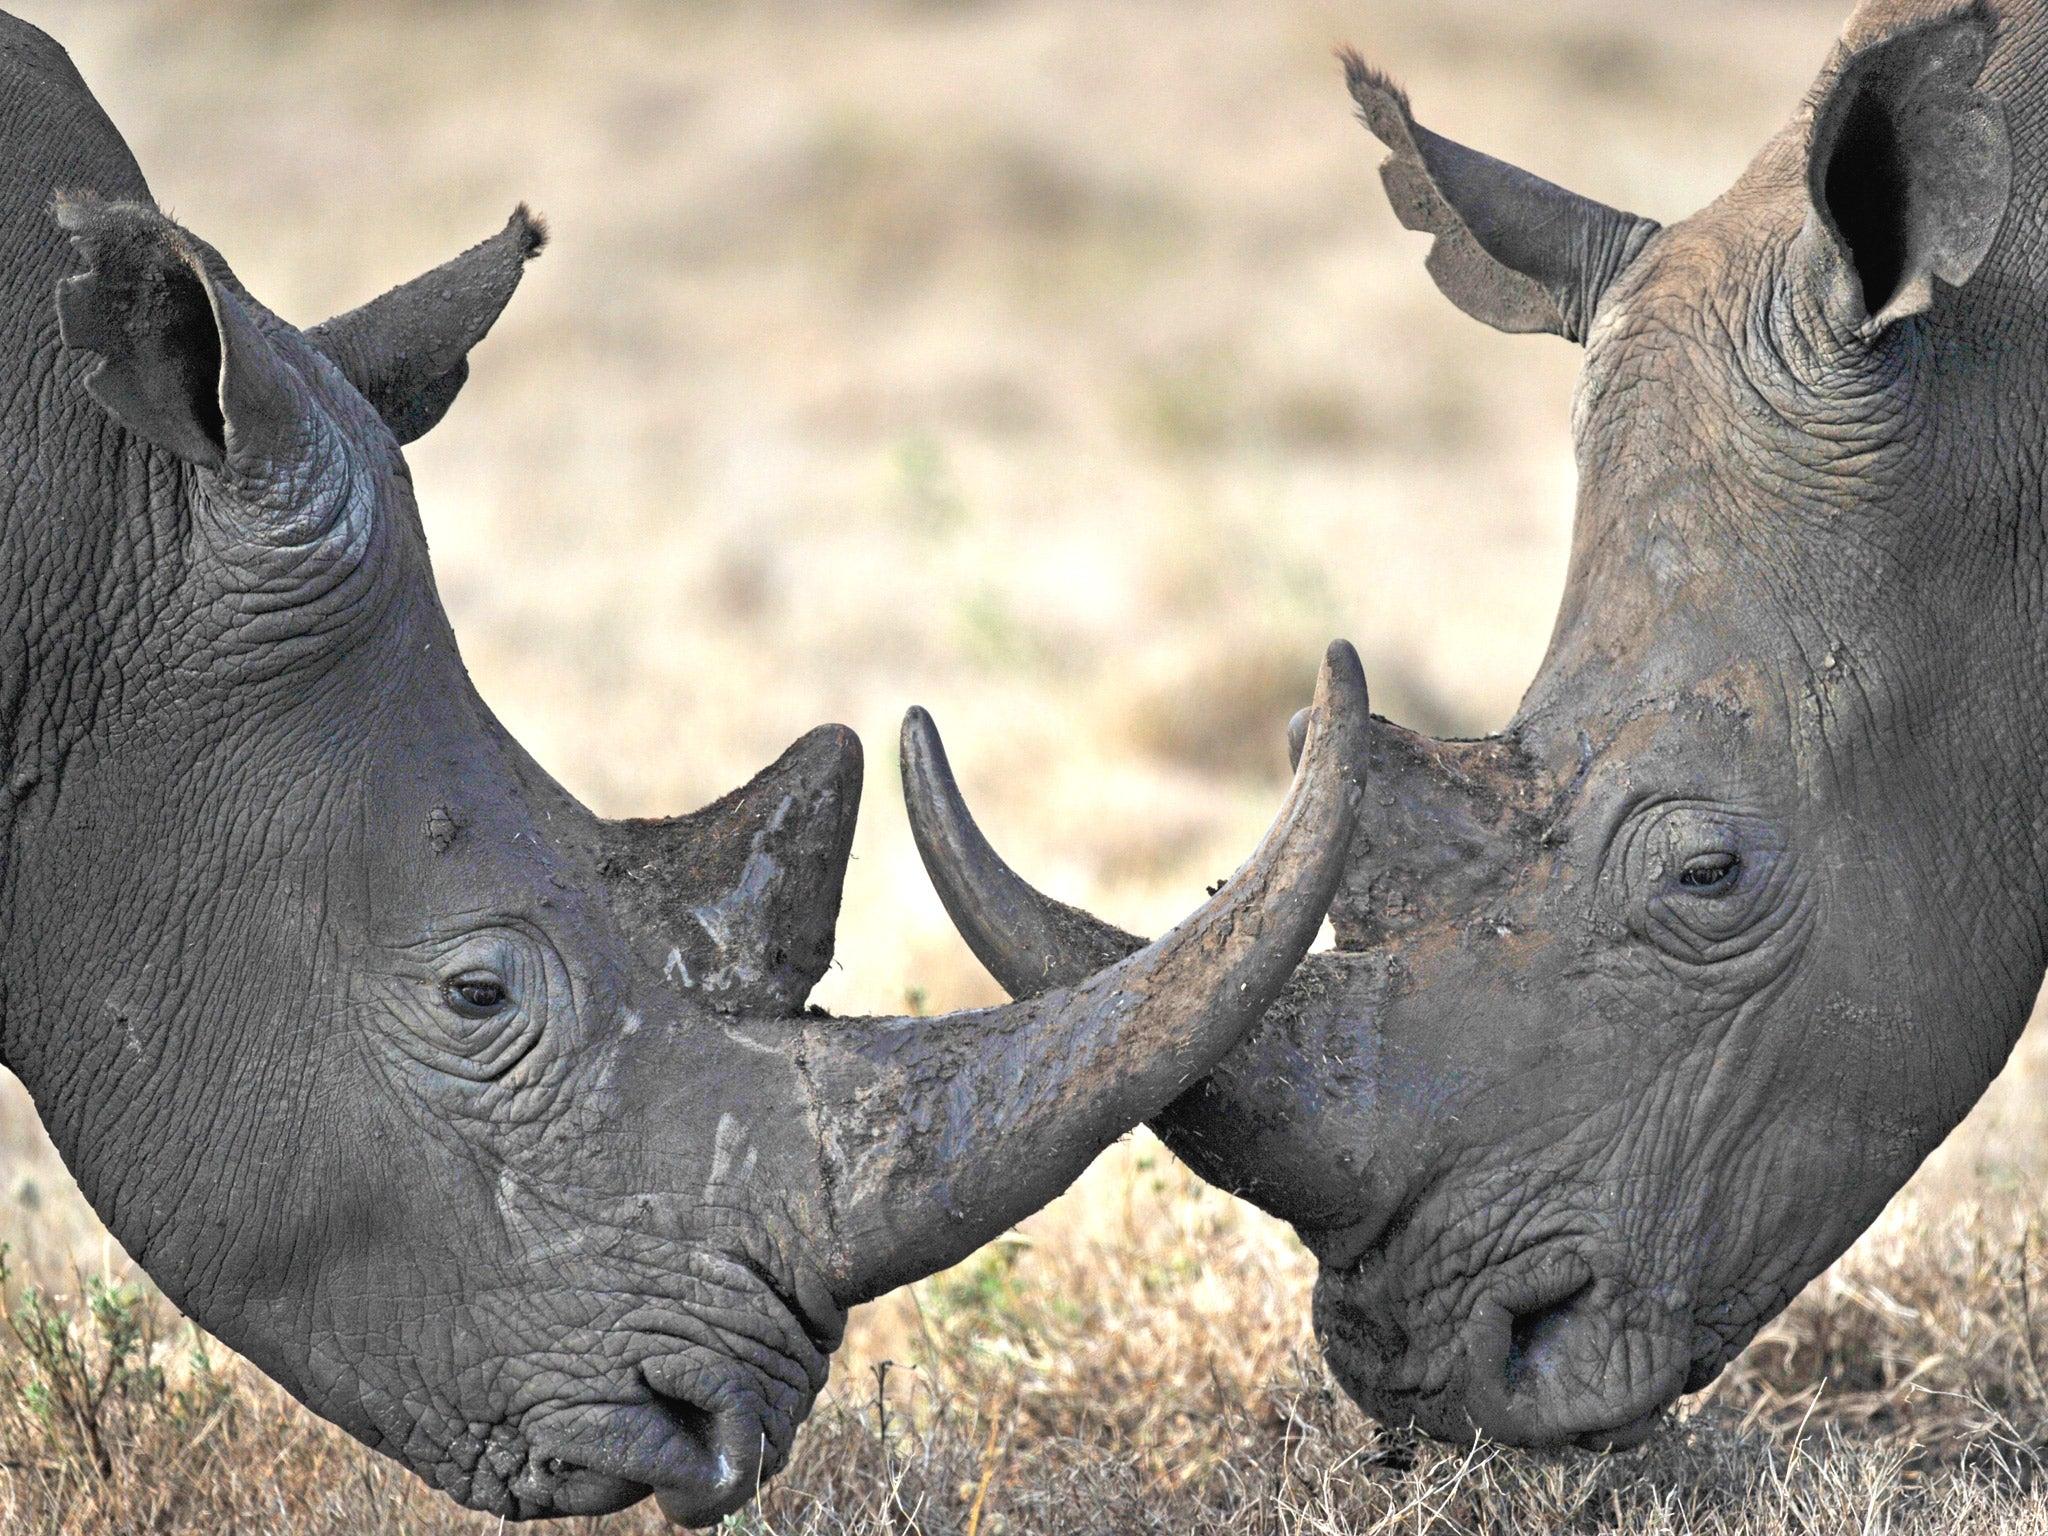 Rhino Cancer Treatment